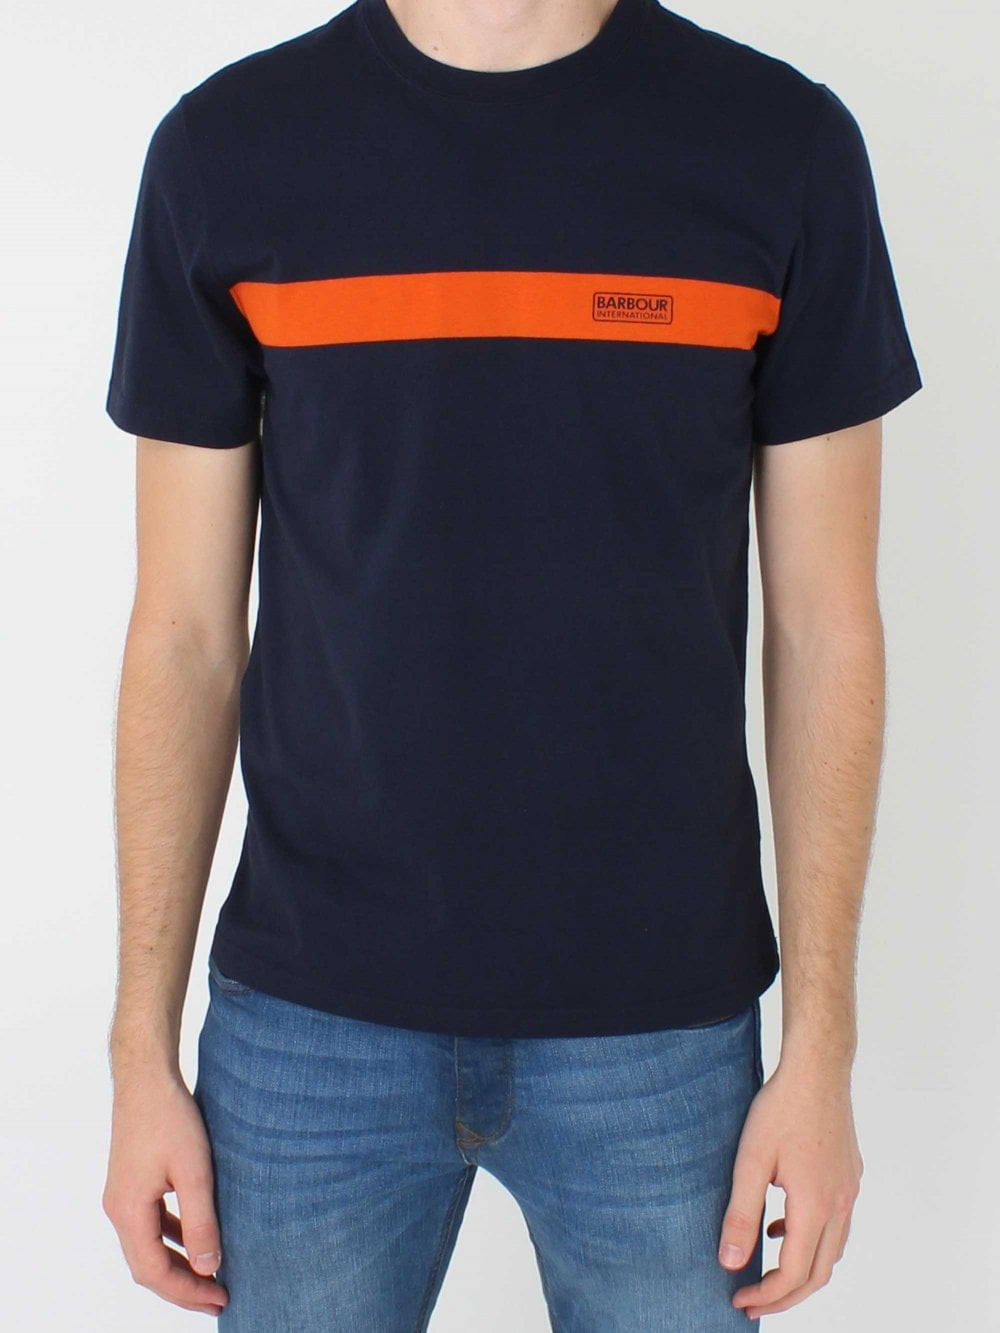 release date good service first look International Line T.Shirt - Navy